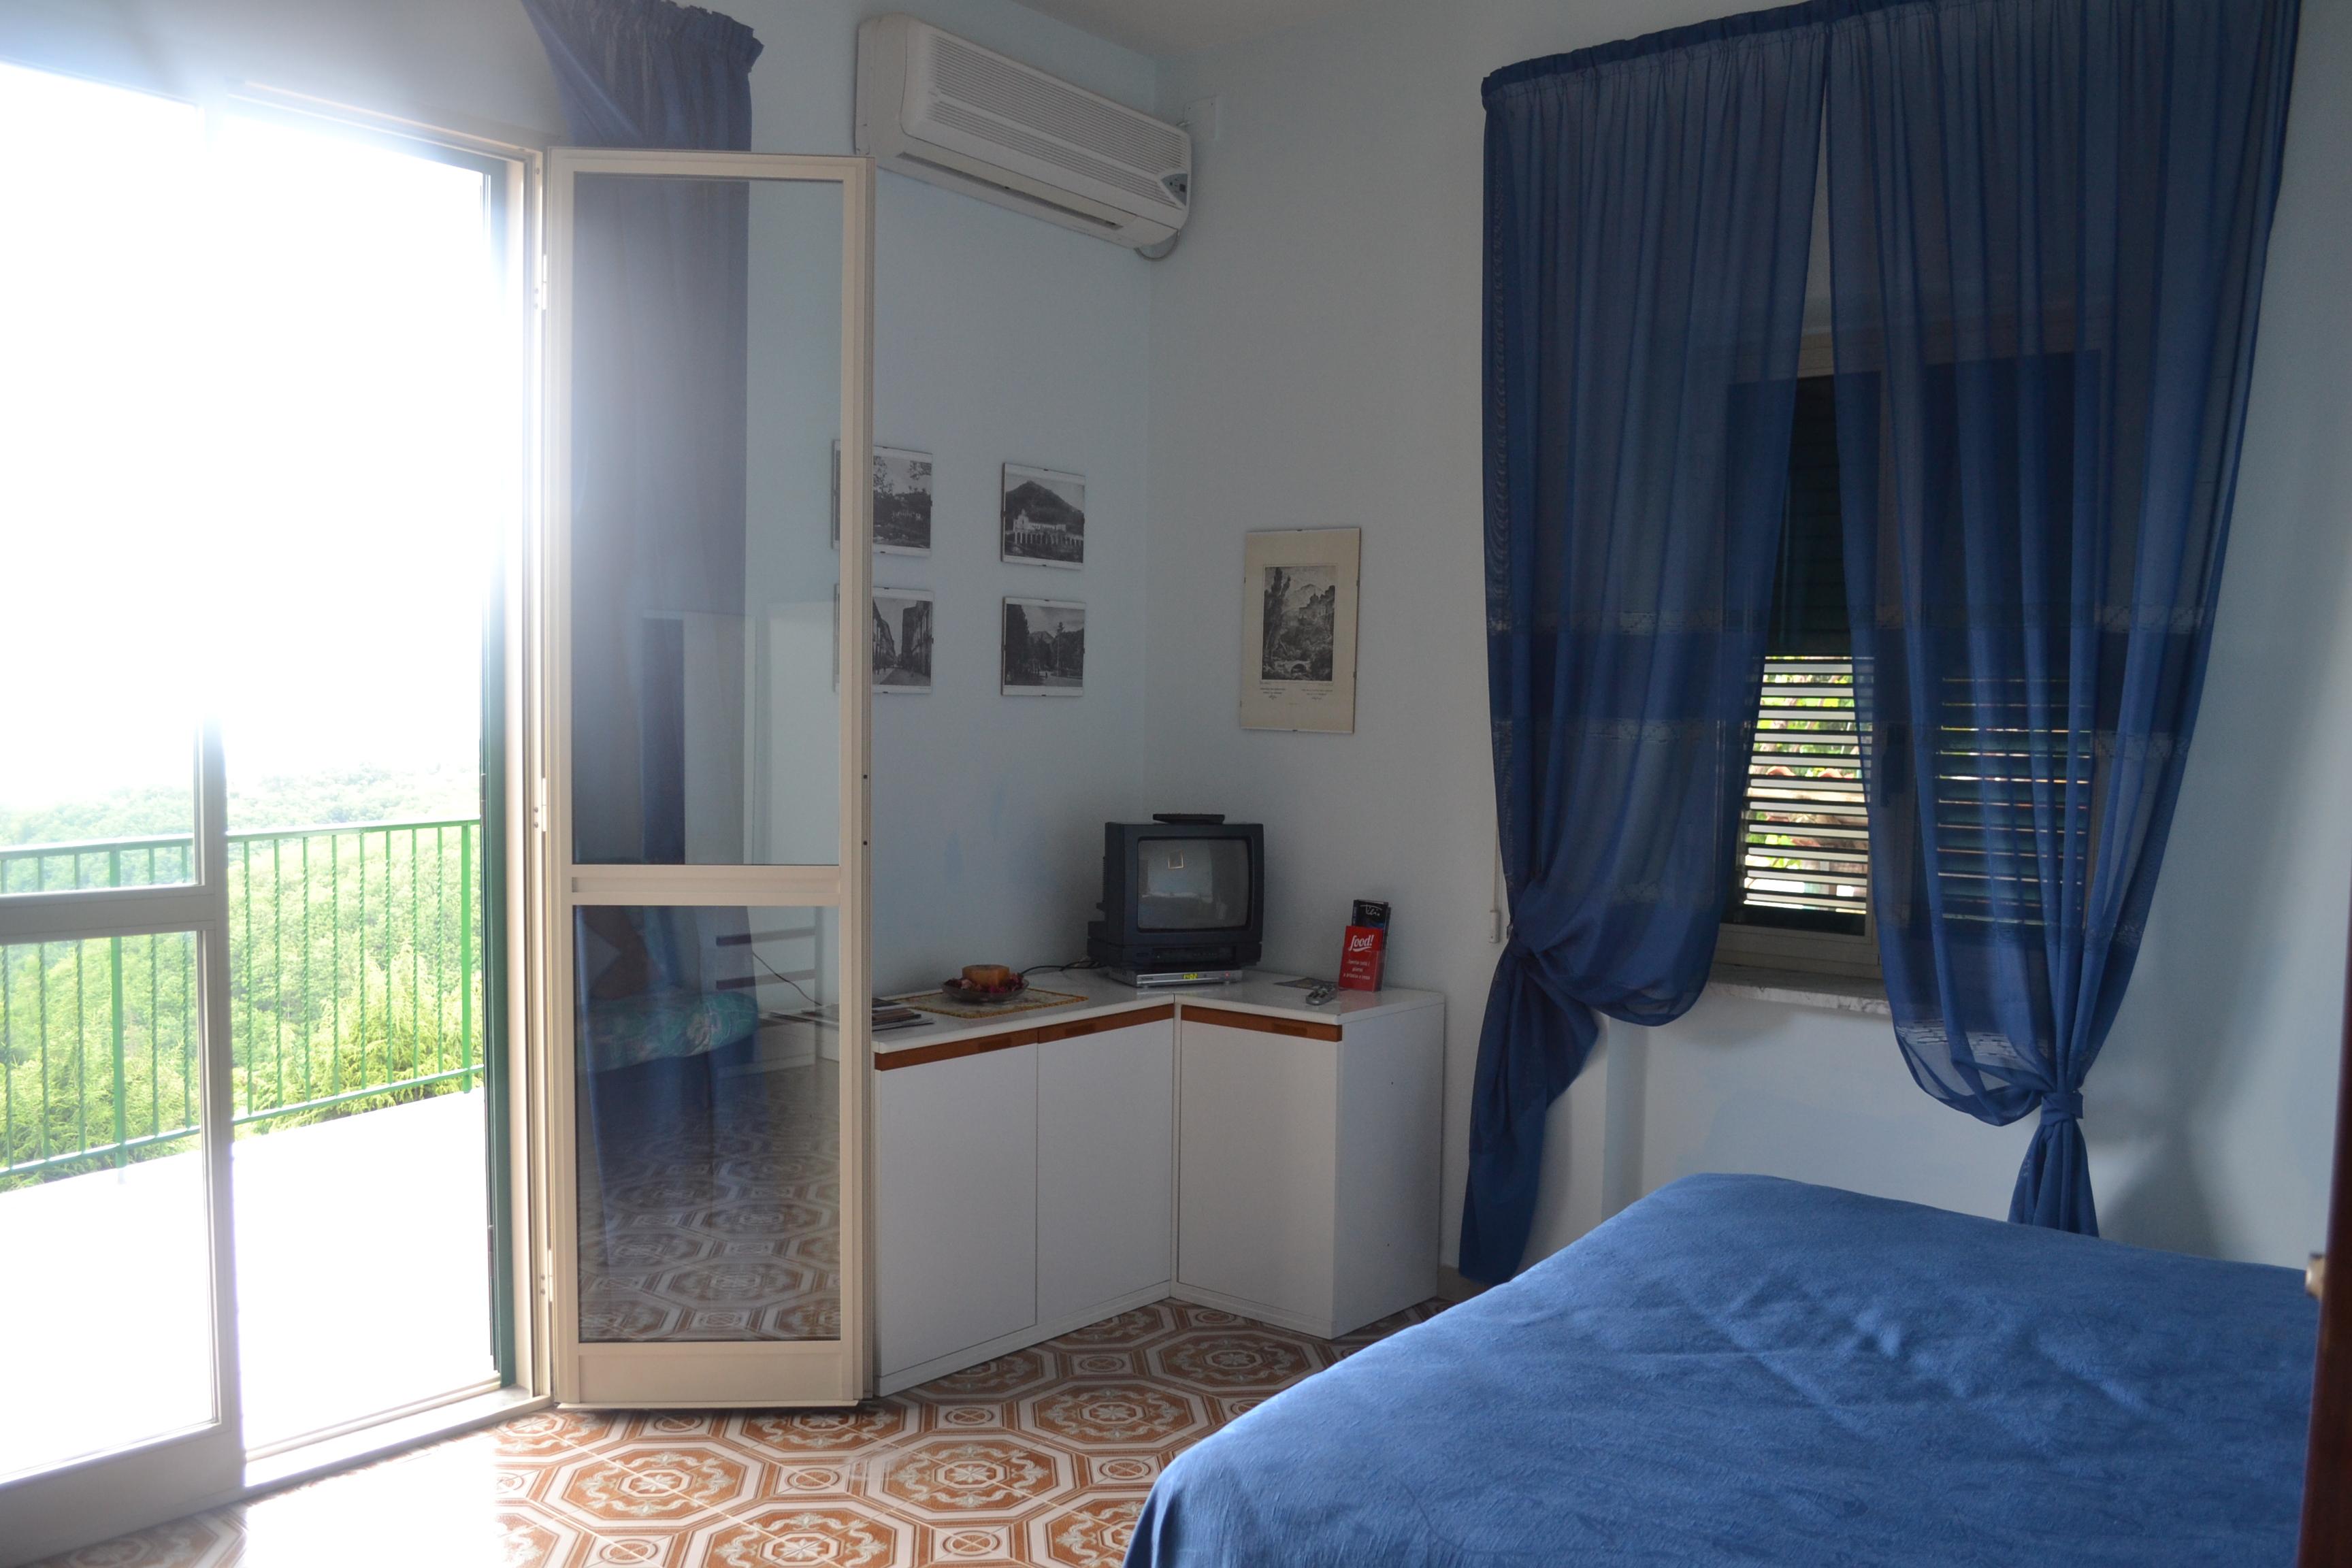 Ferienwohnung Bedebreakfastilys Coast Amalfitana (2520092), Cava de' Tirreni, Salerno, Kampanien, Italien, Bild 7